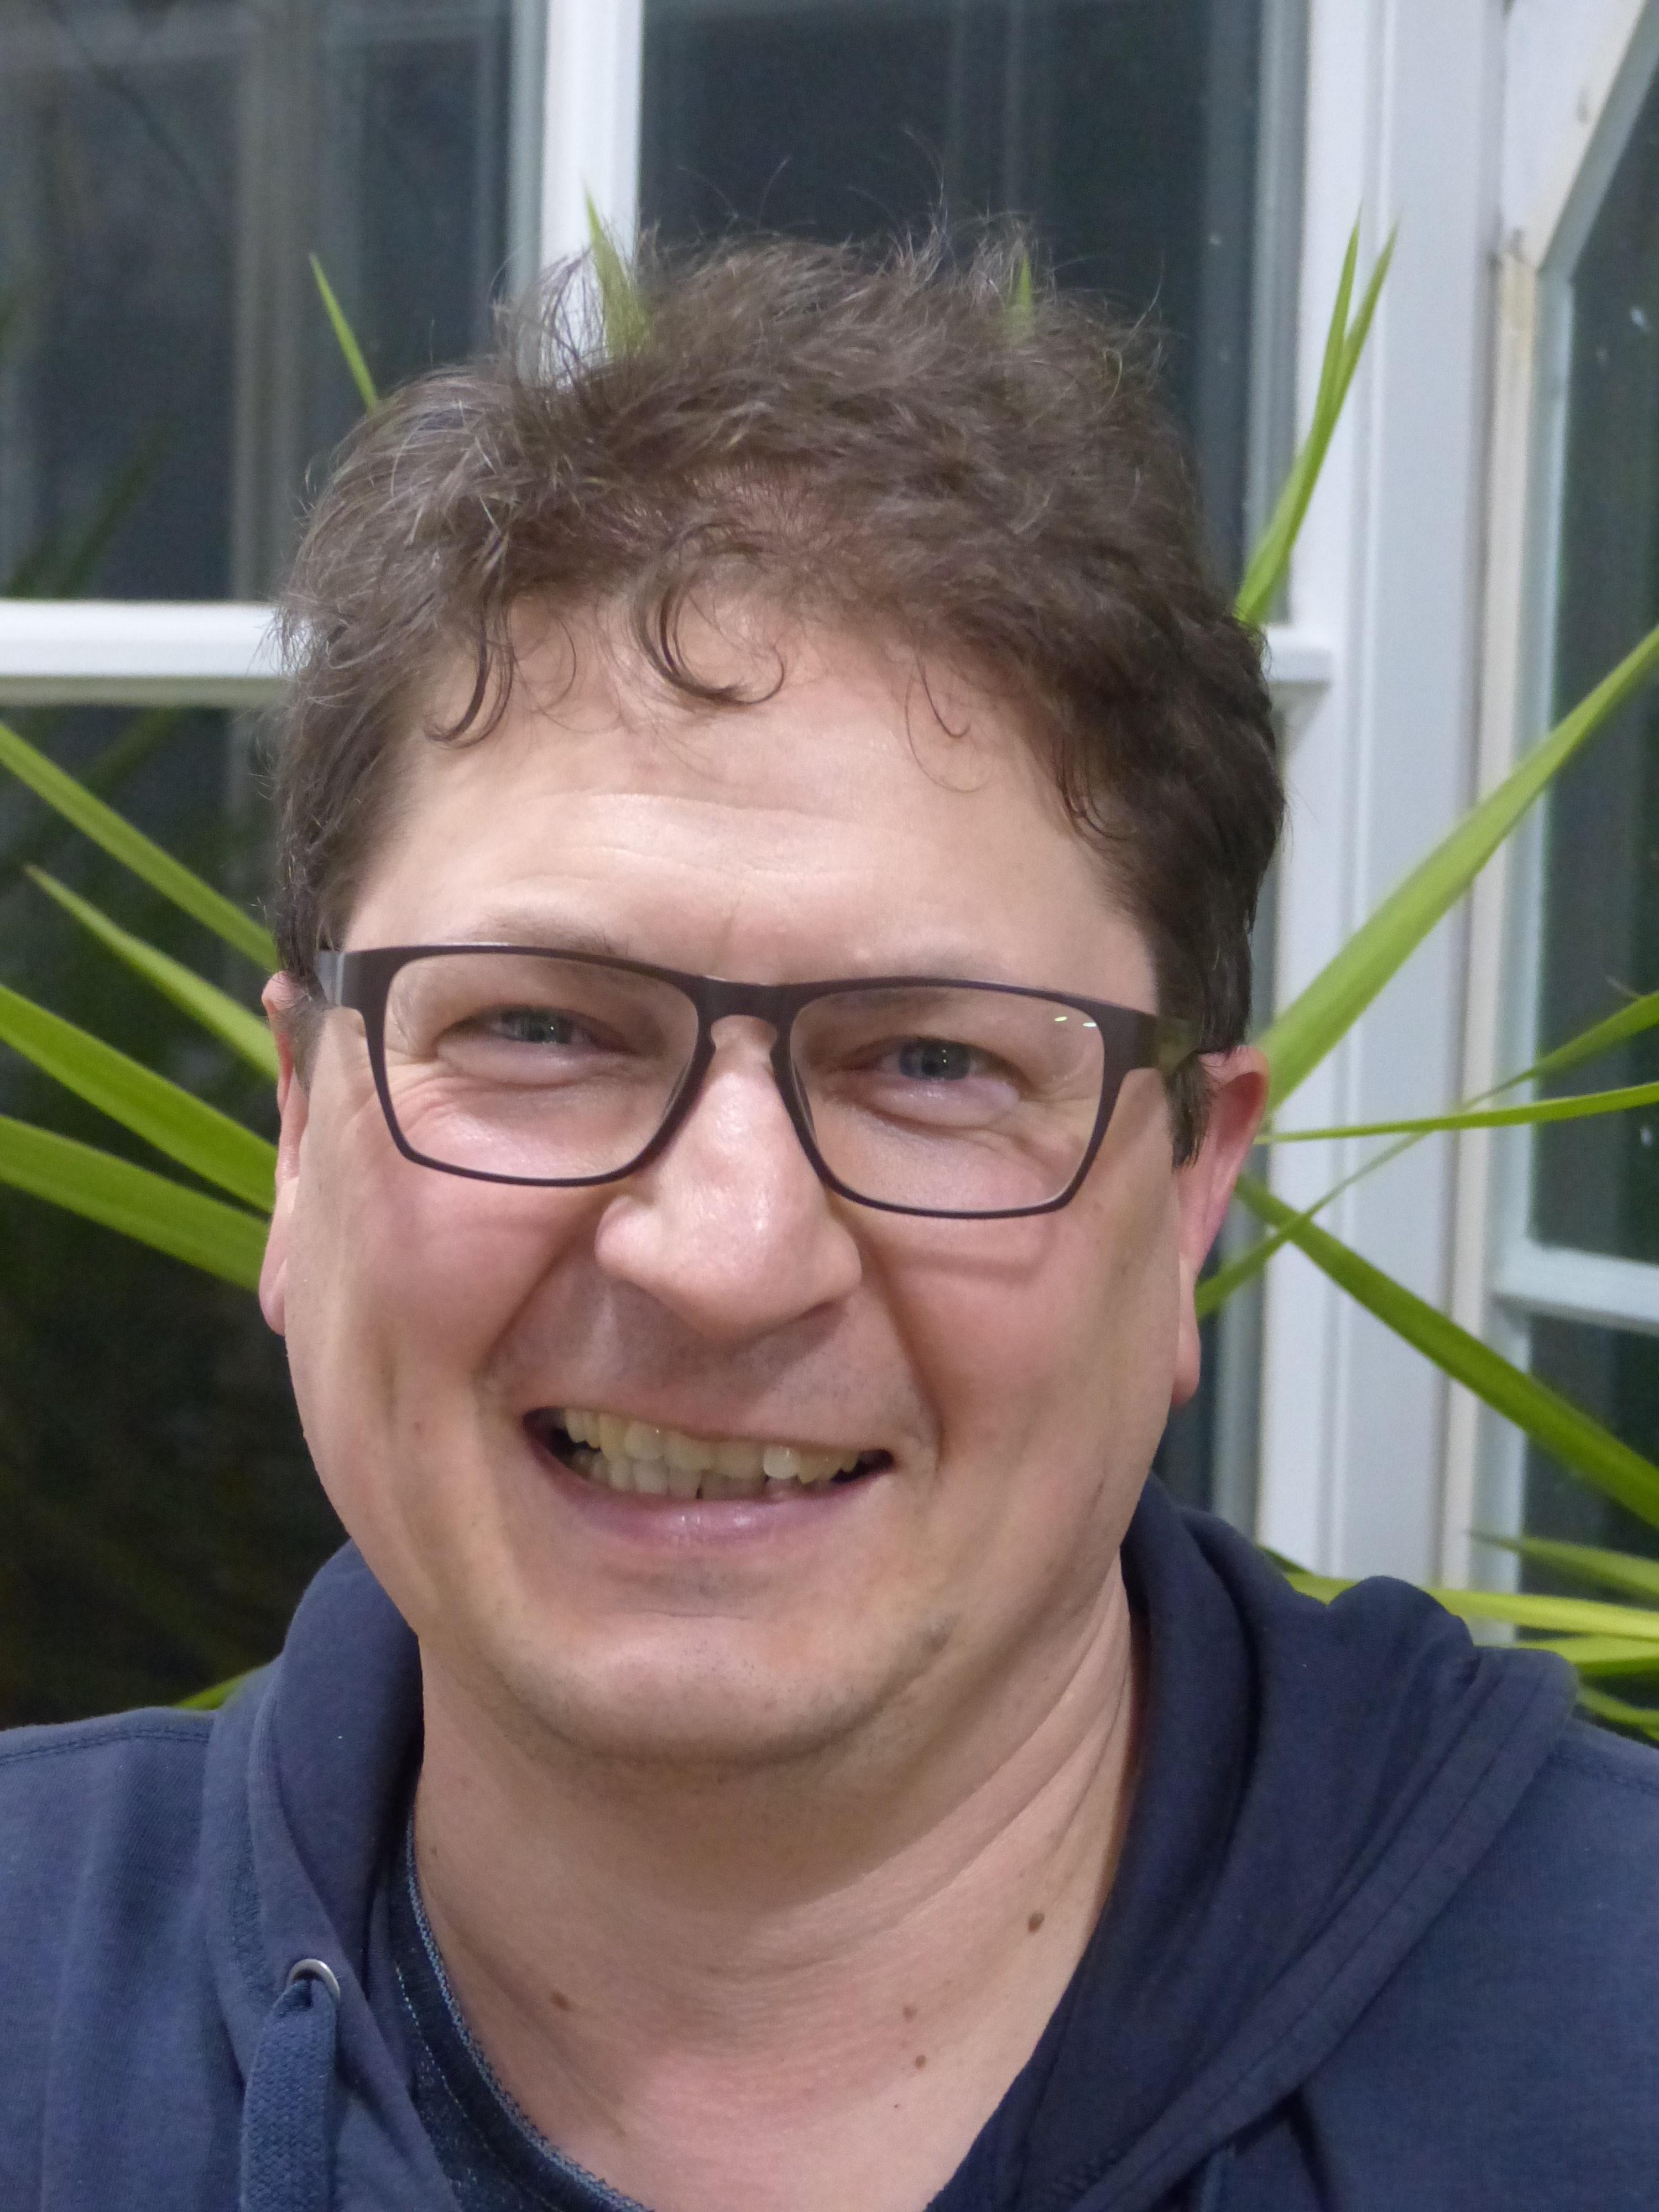 Vorstellung des neuen Pfarrers der Ev. Kirchengemeinde Dillingen Thomas Josiger